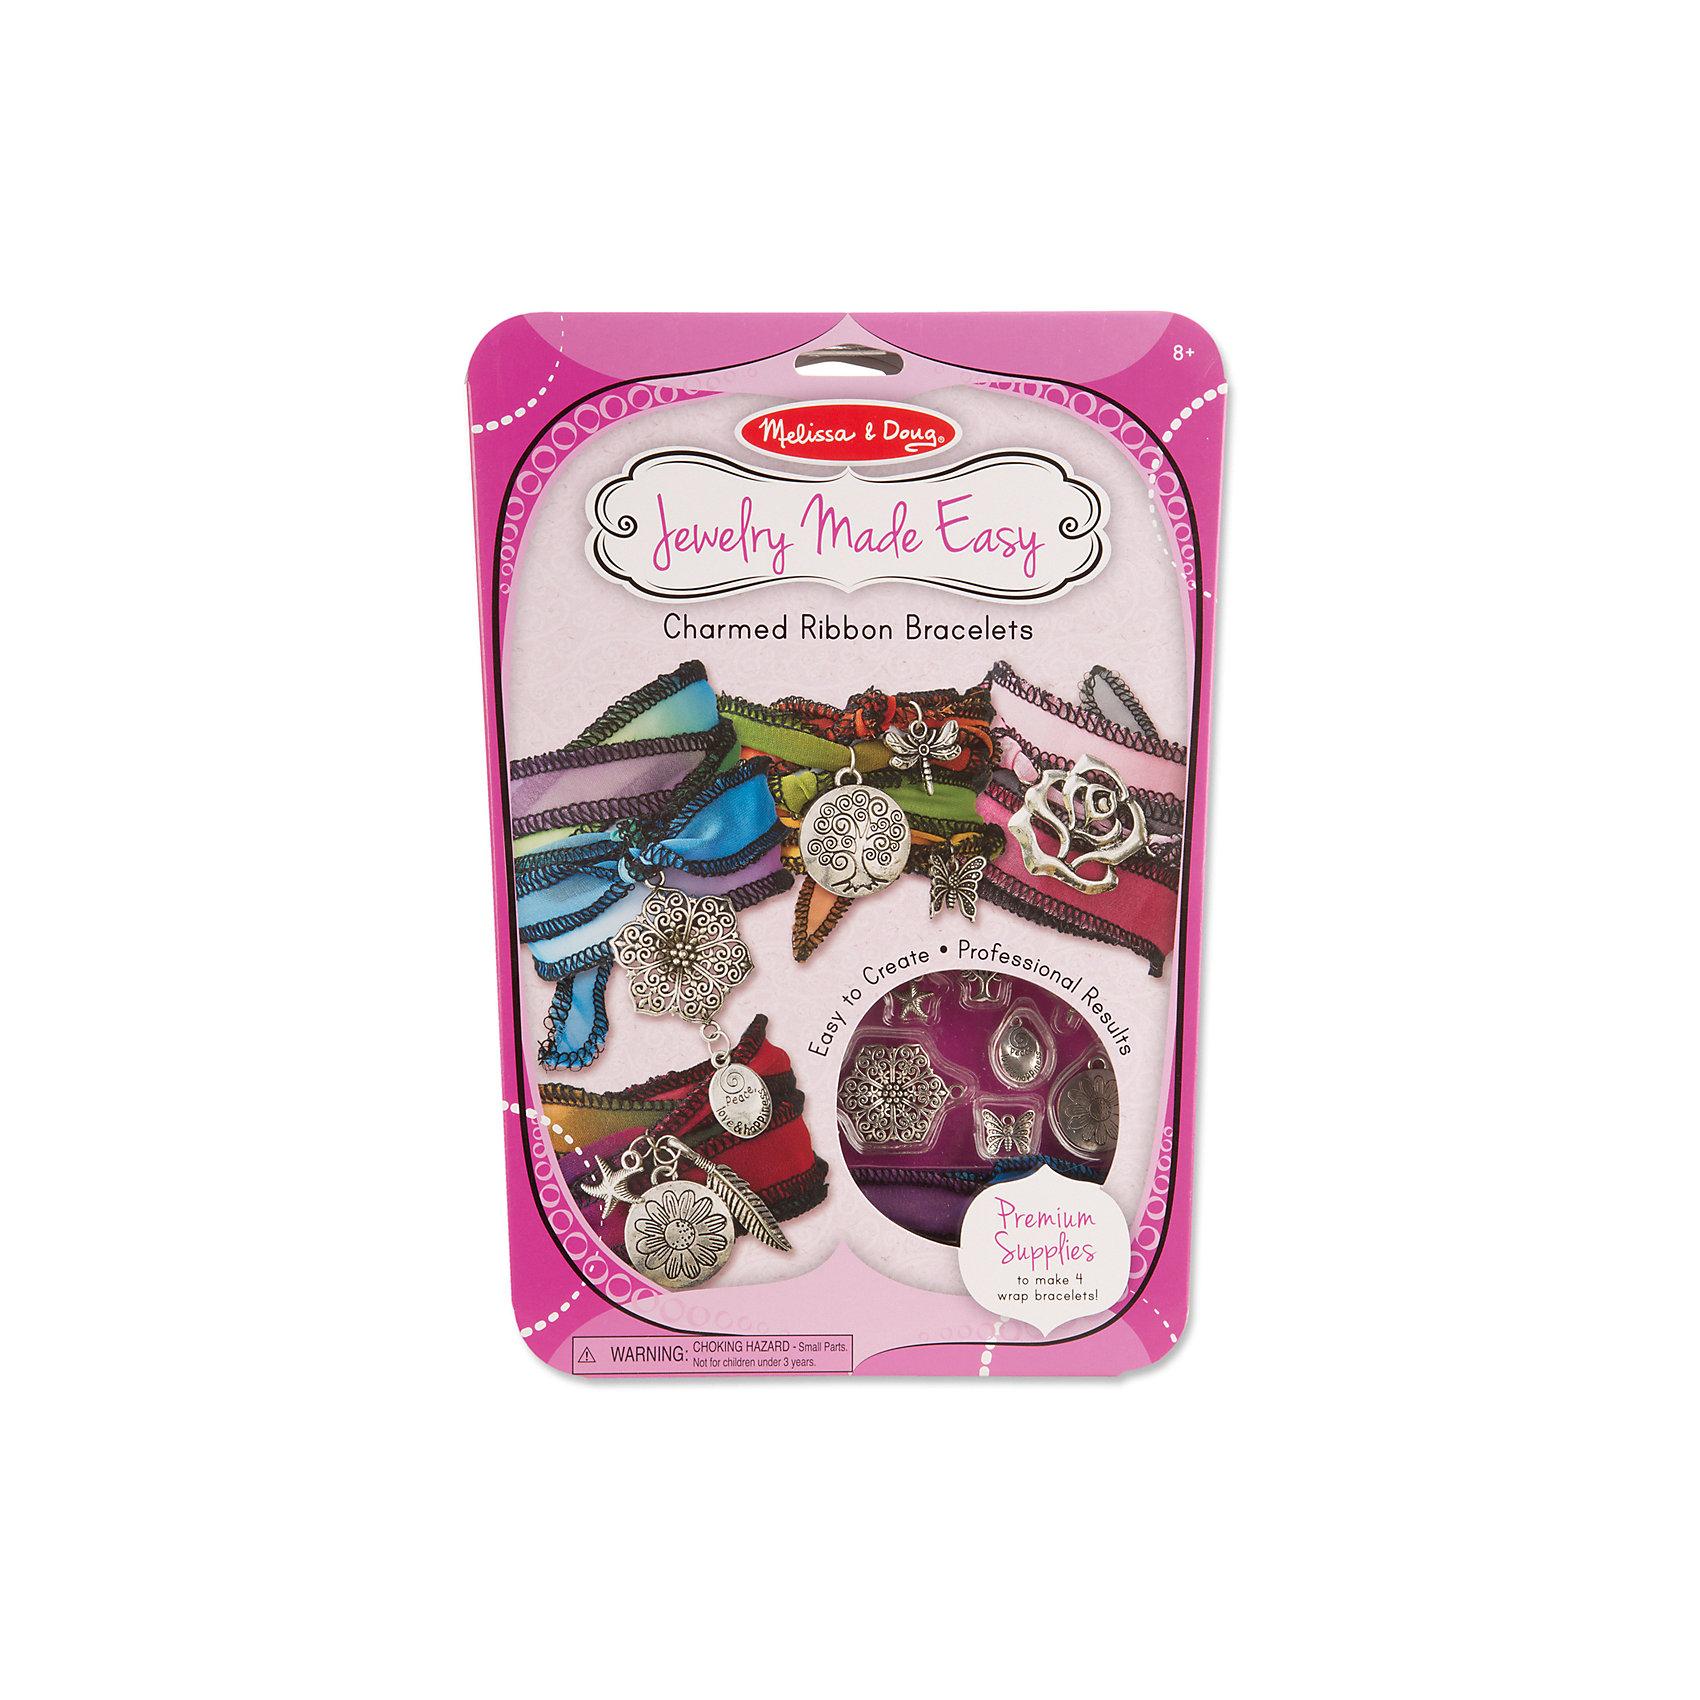 Волшебные браслетыРукоделие<br>Отличный вариант подарка для девочки - этот набор, из которого можно самому сделать красивые украшения! Для этого нужно просто подобрать детали и прикрепить их на браслеты, идущие в комплекте. Получаются очень красивые браслеты, которые можно носить!<br>Делая украшение, ребенок будет развивать воображение и мелкую моторику, также дети учатся подбирать цвета и развивают художественные навыки. Этот набор произведен из качественных и безопасных для детей материалов.<br><br>Дополнительная информация:<br><br>цвет: разноцветный;<br>комплектация: четыре браслета, ленты, 10 подвесок из металла, 10 колечек, инструкция.<br><br>Волшебные браслеты от бренда Melissa&amp;Doug можно купить в нашем магазине.<br><br>Ширина мм: 200<br>Глубина мм: 20<br>Высота мм: 300<br>Вес г: 136<br>Возраст от месяцев: 96<br>Возраст до месяцев: 144<br>Пол: Женский<br>Возраст: Детский<br>SKU: 4993718